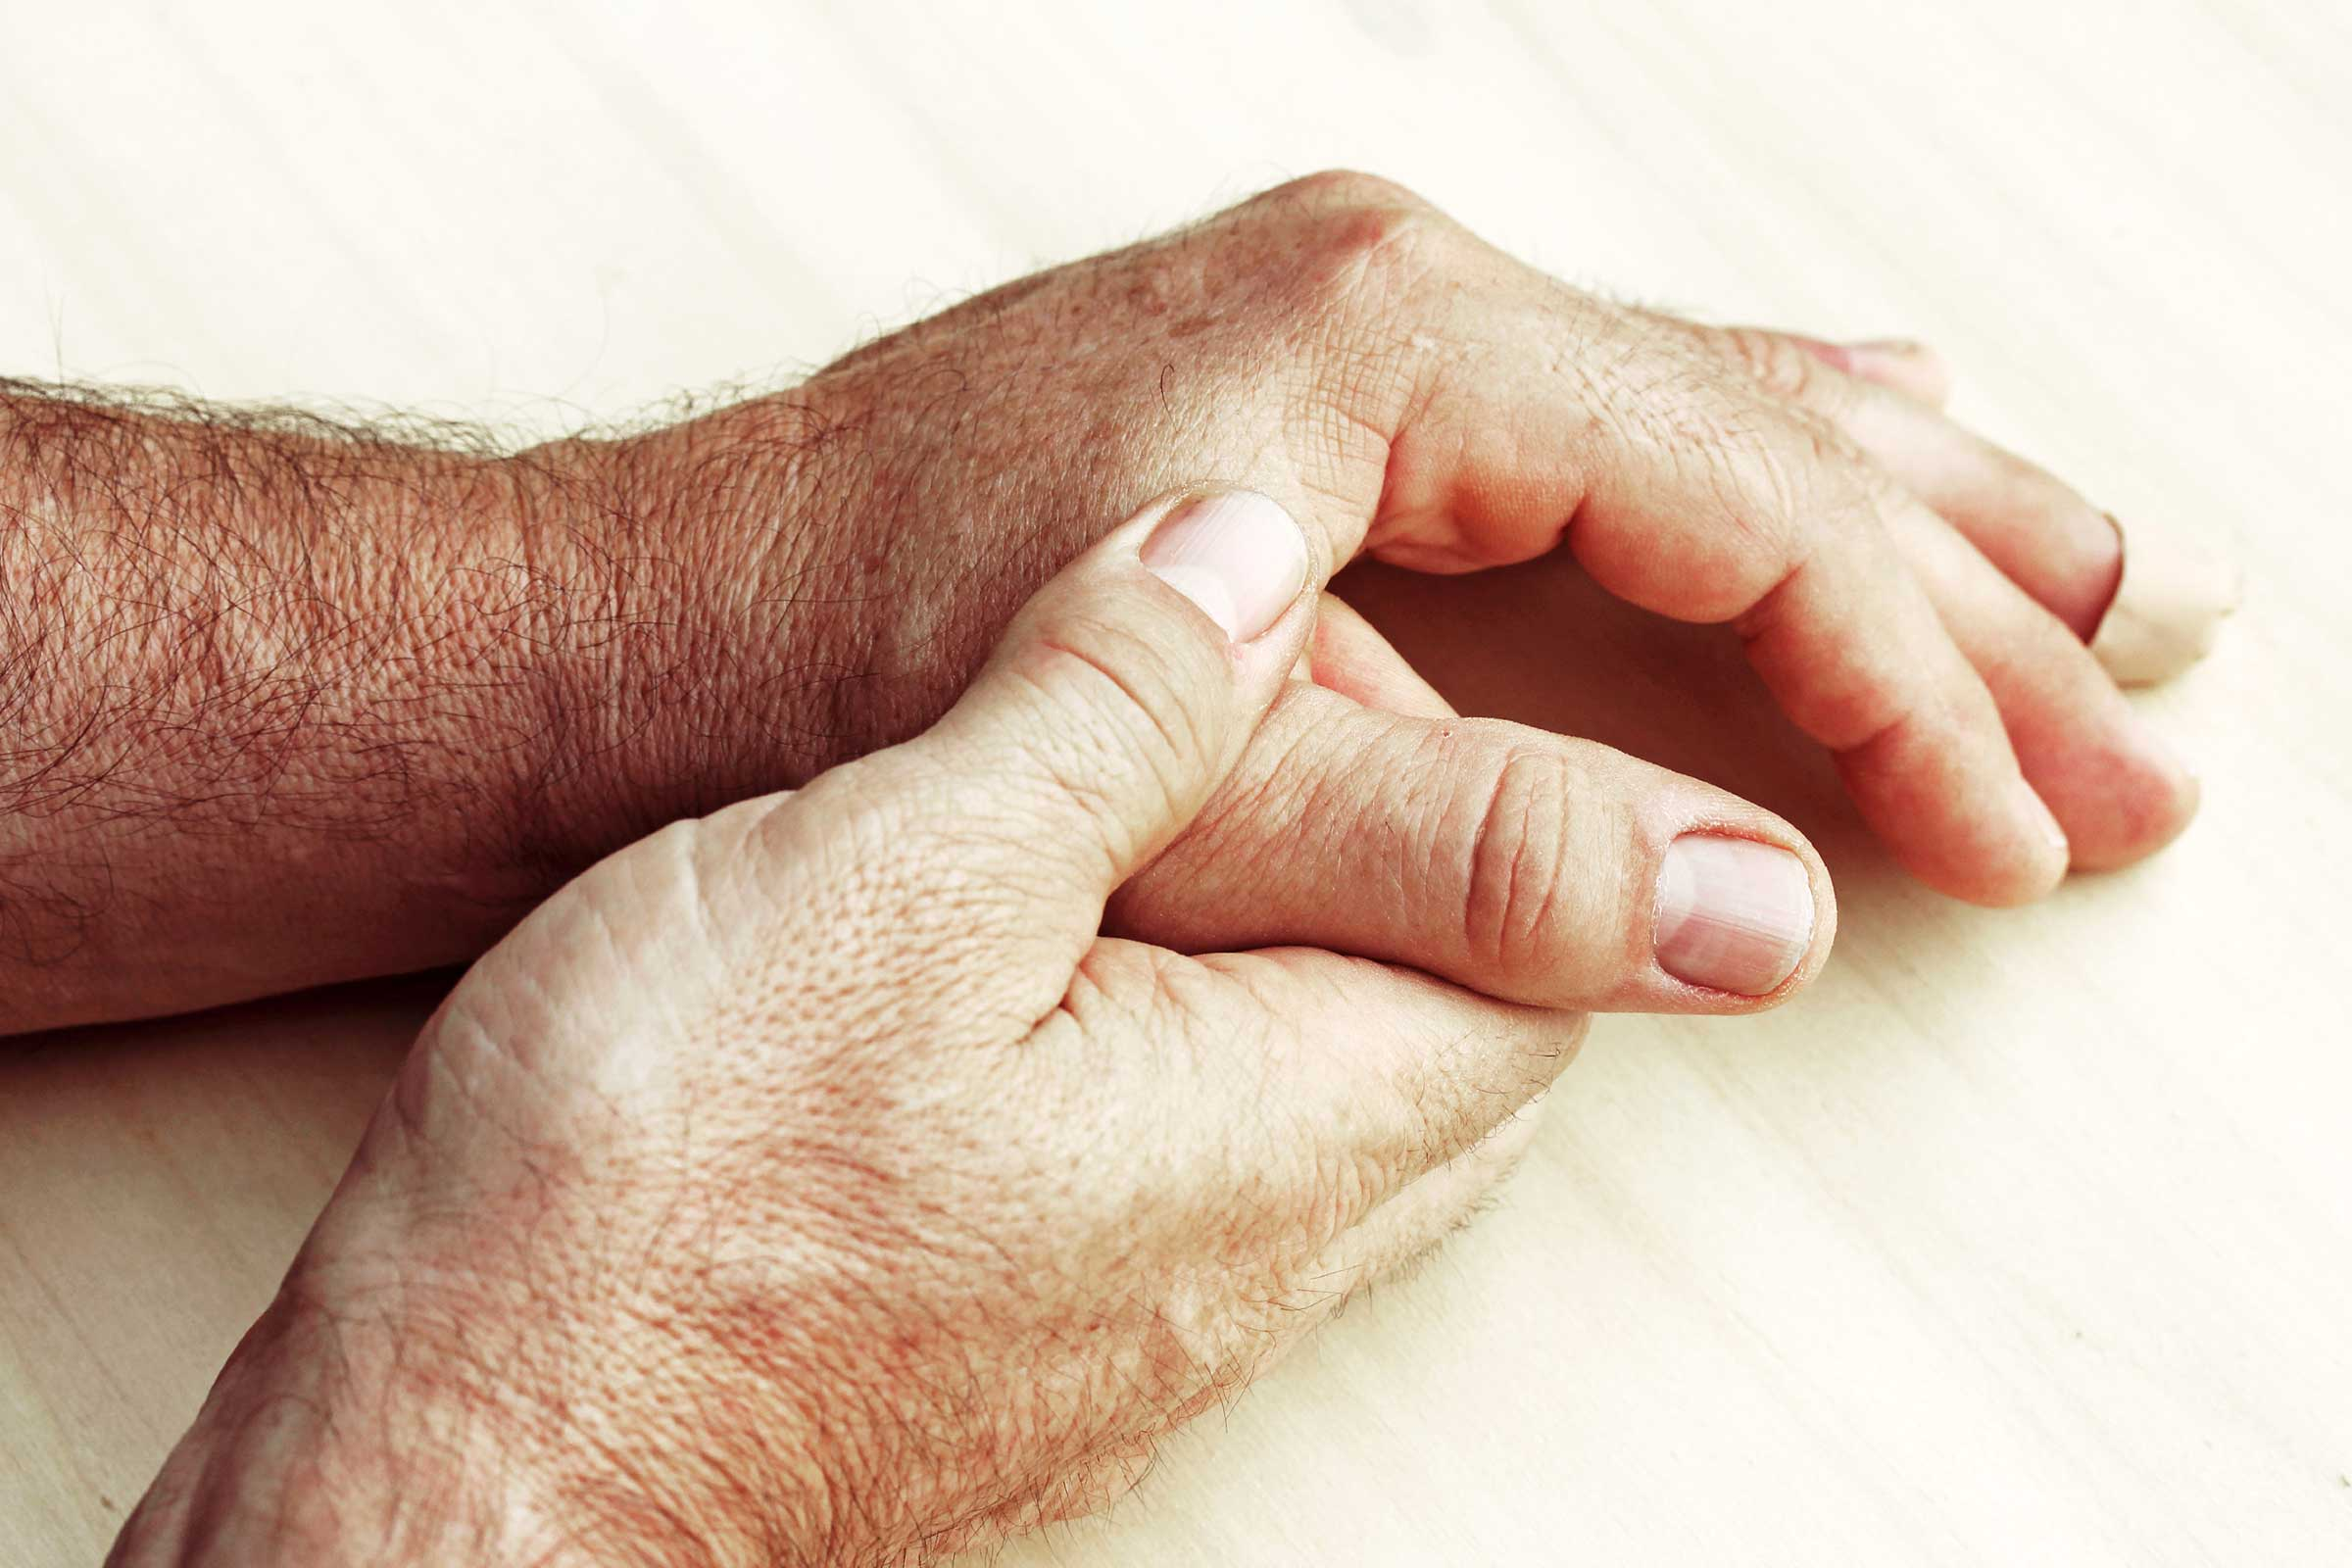 Почему трясутся руки с похмелья. что делать, если трясет с похмелья.